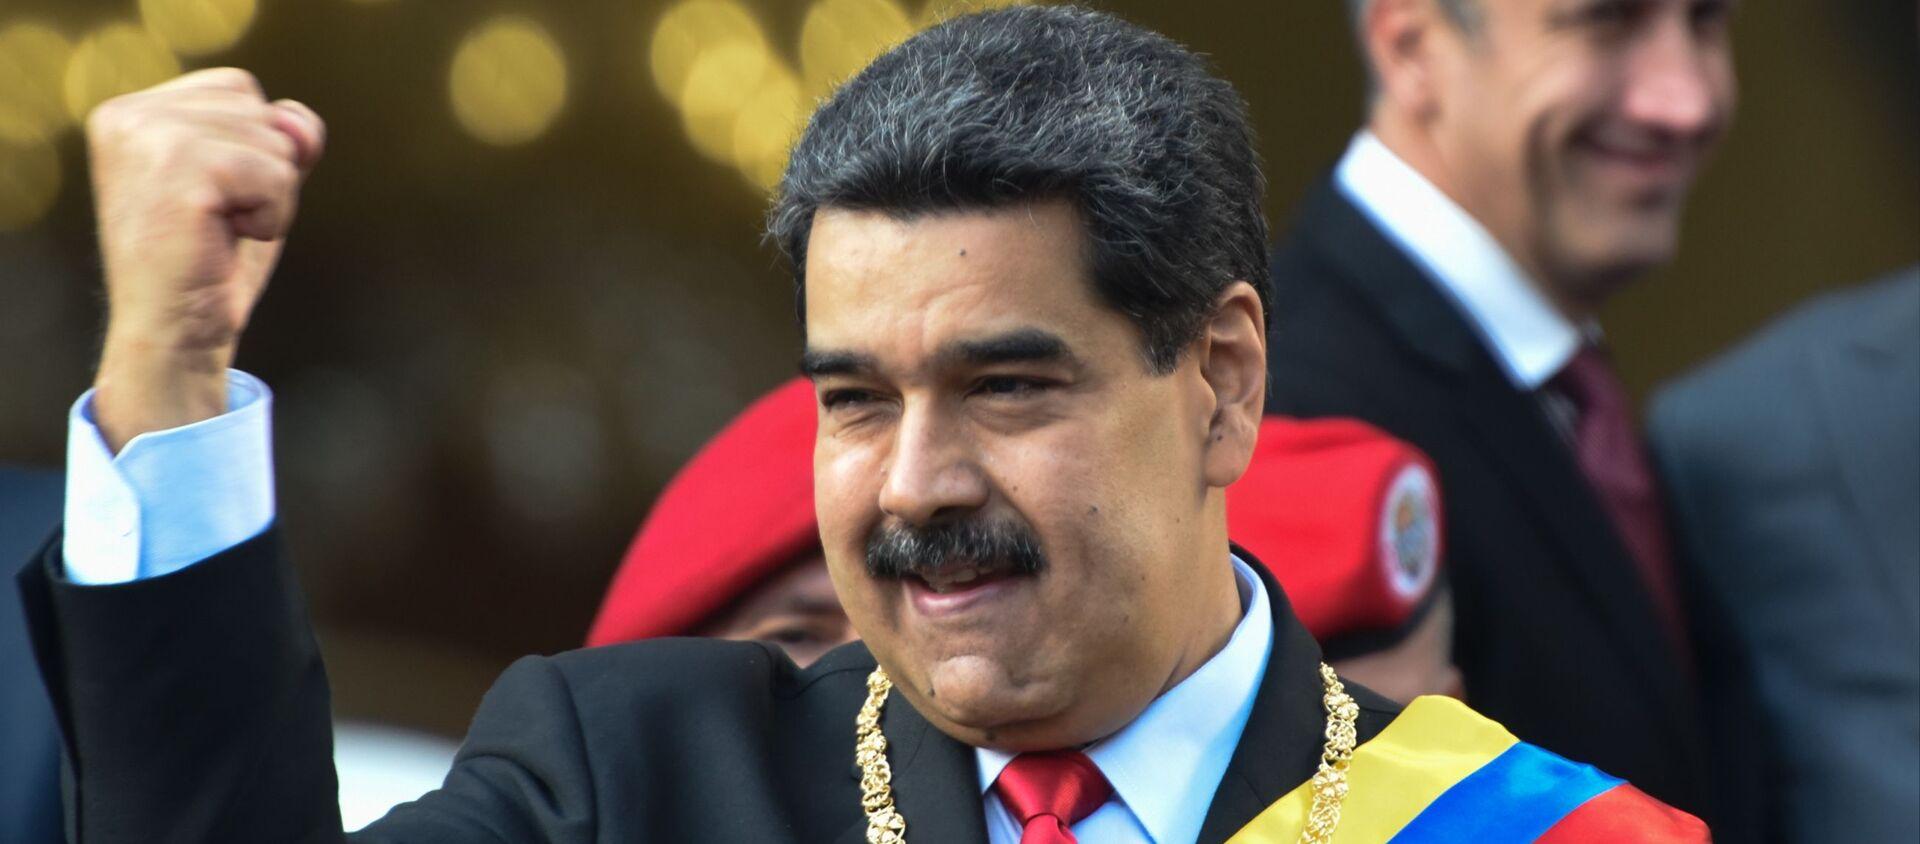 Nicolás Maduro, el presidente de Venezuela - Sputnik Mundo, 1920, 29.01.2021